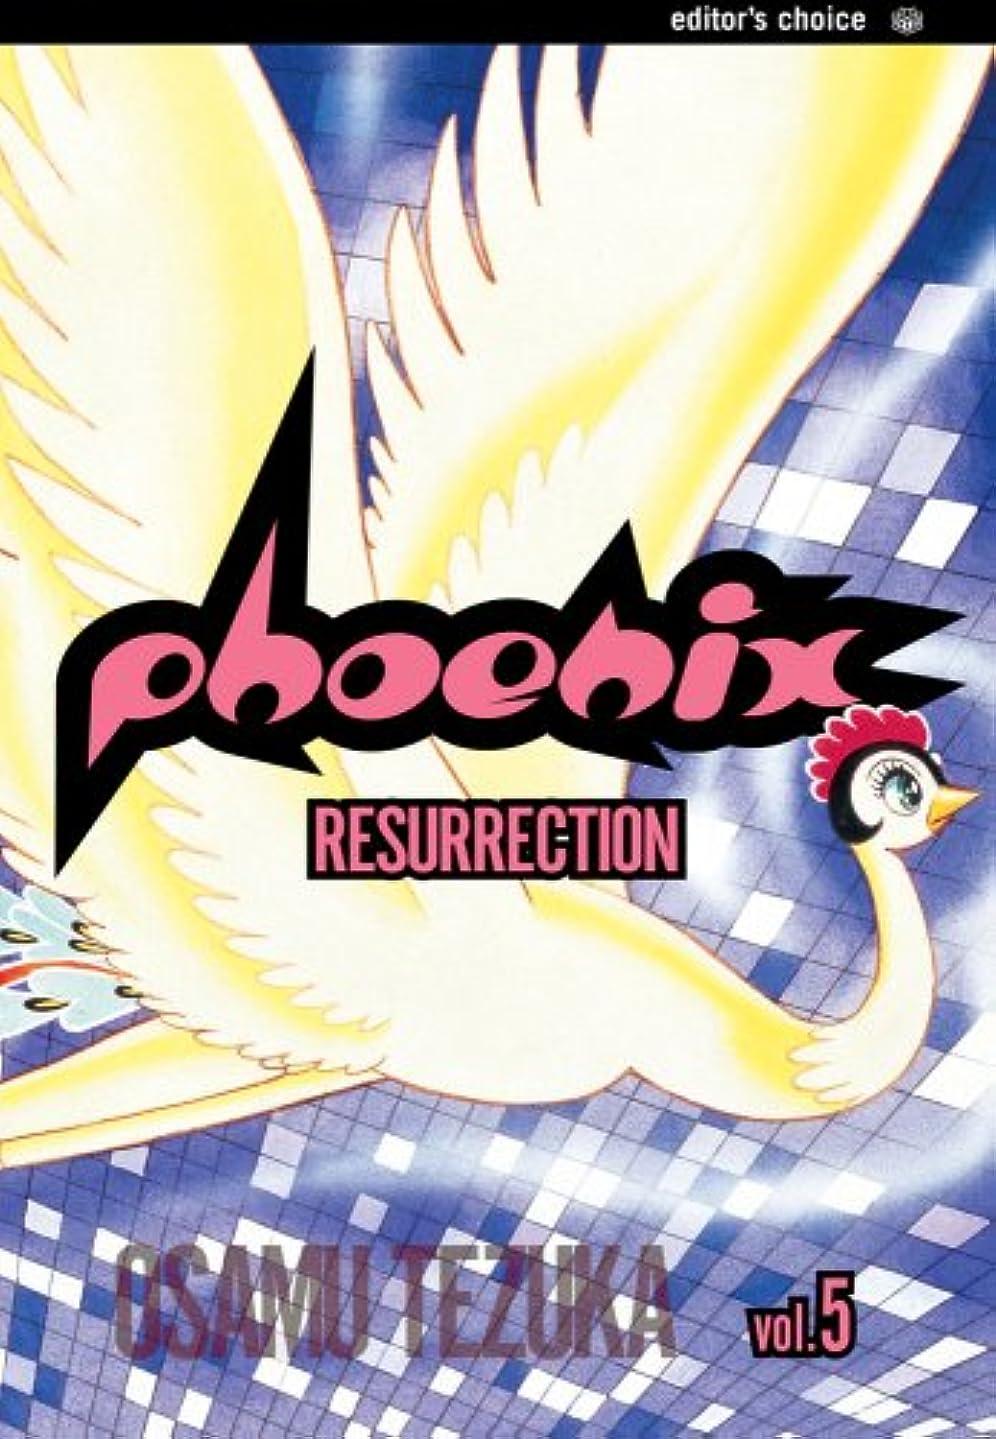 パンサー燃やす解読するPhoenix Vol.5 : Resurrection (Phoenix)